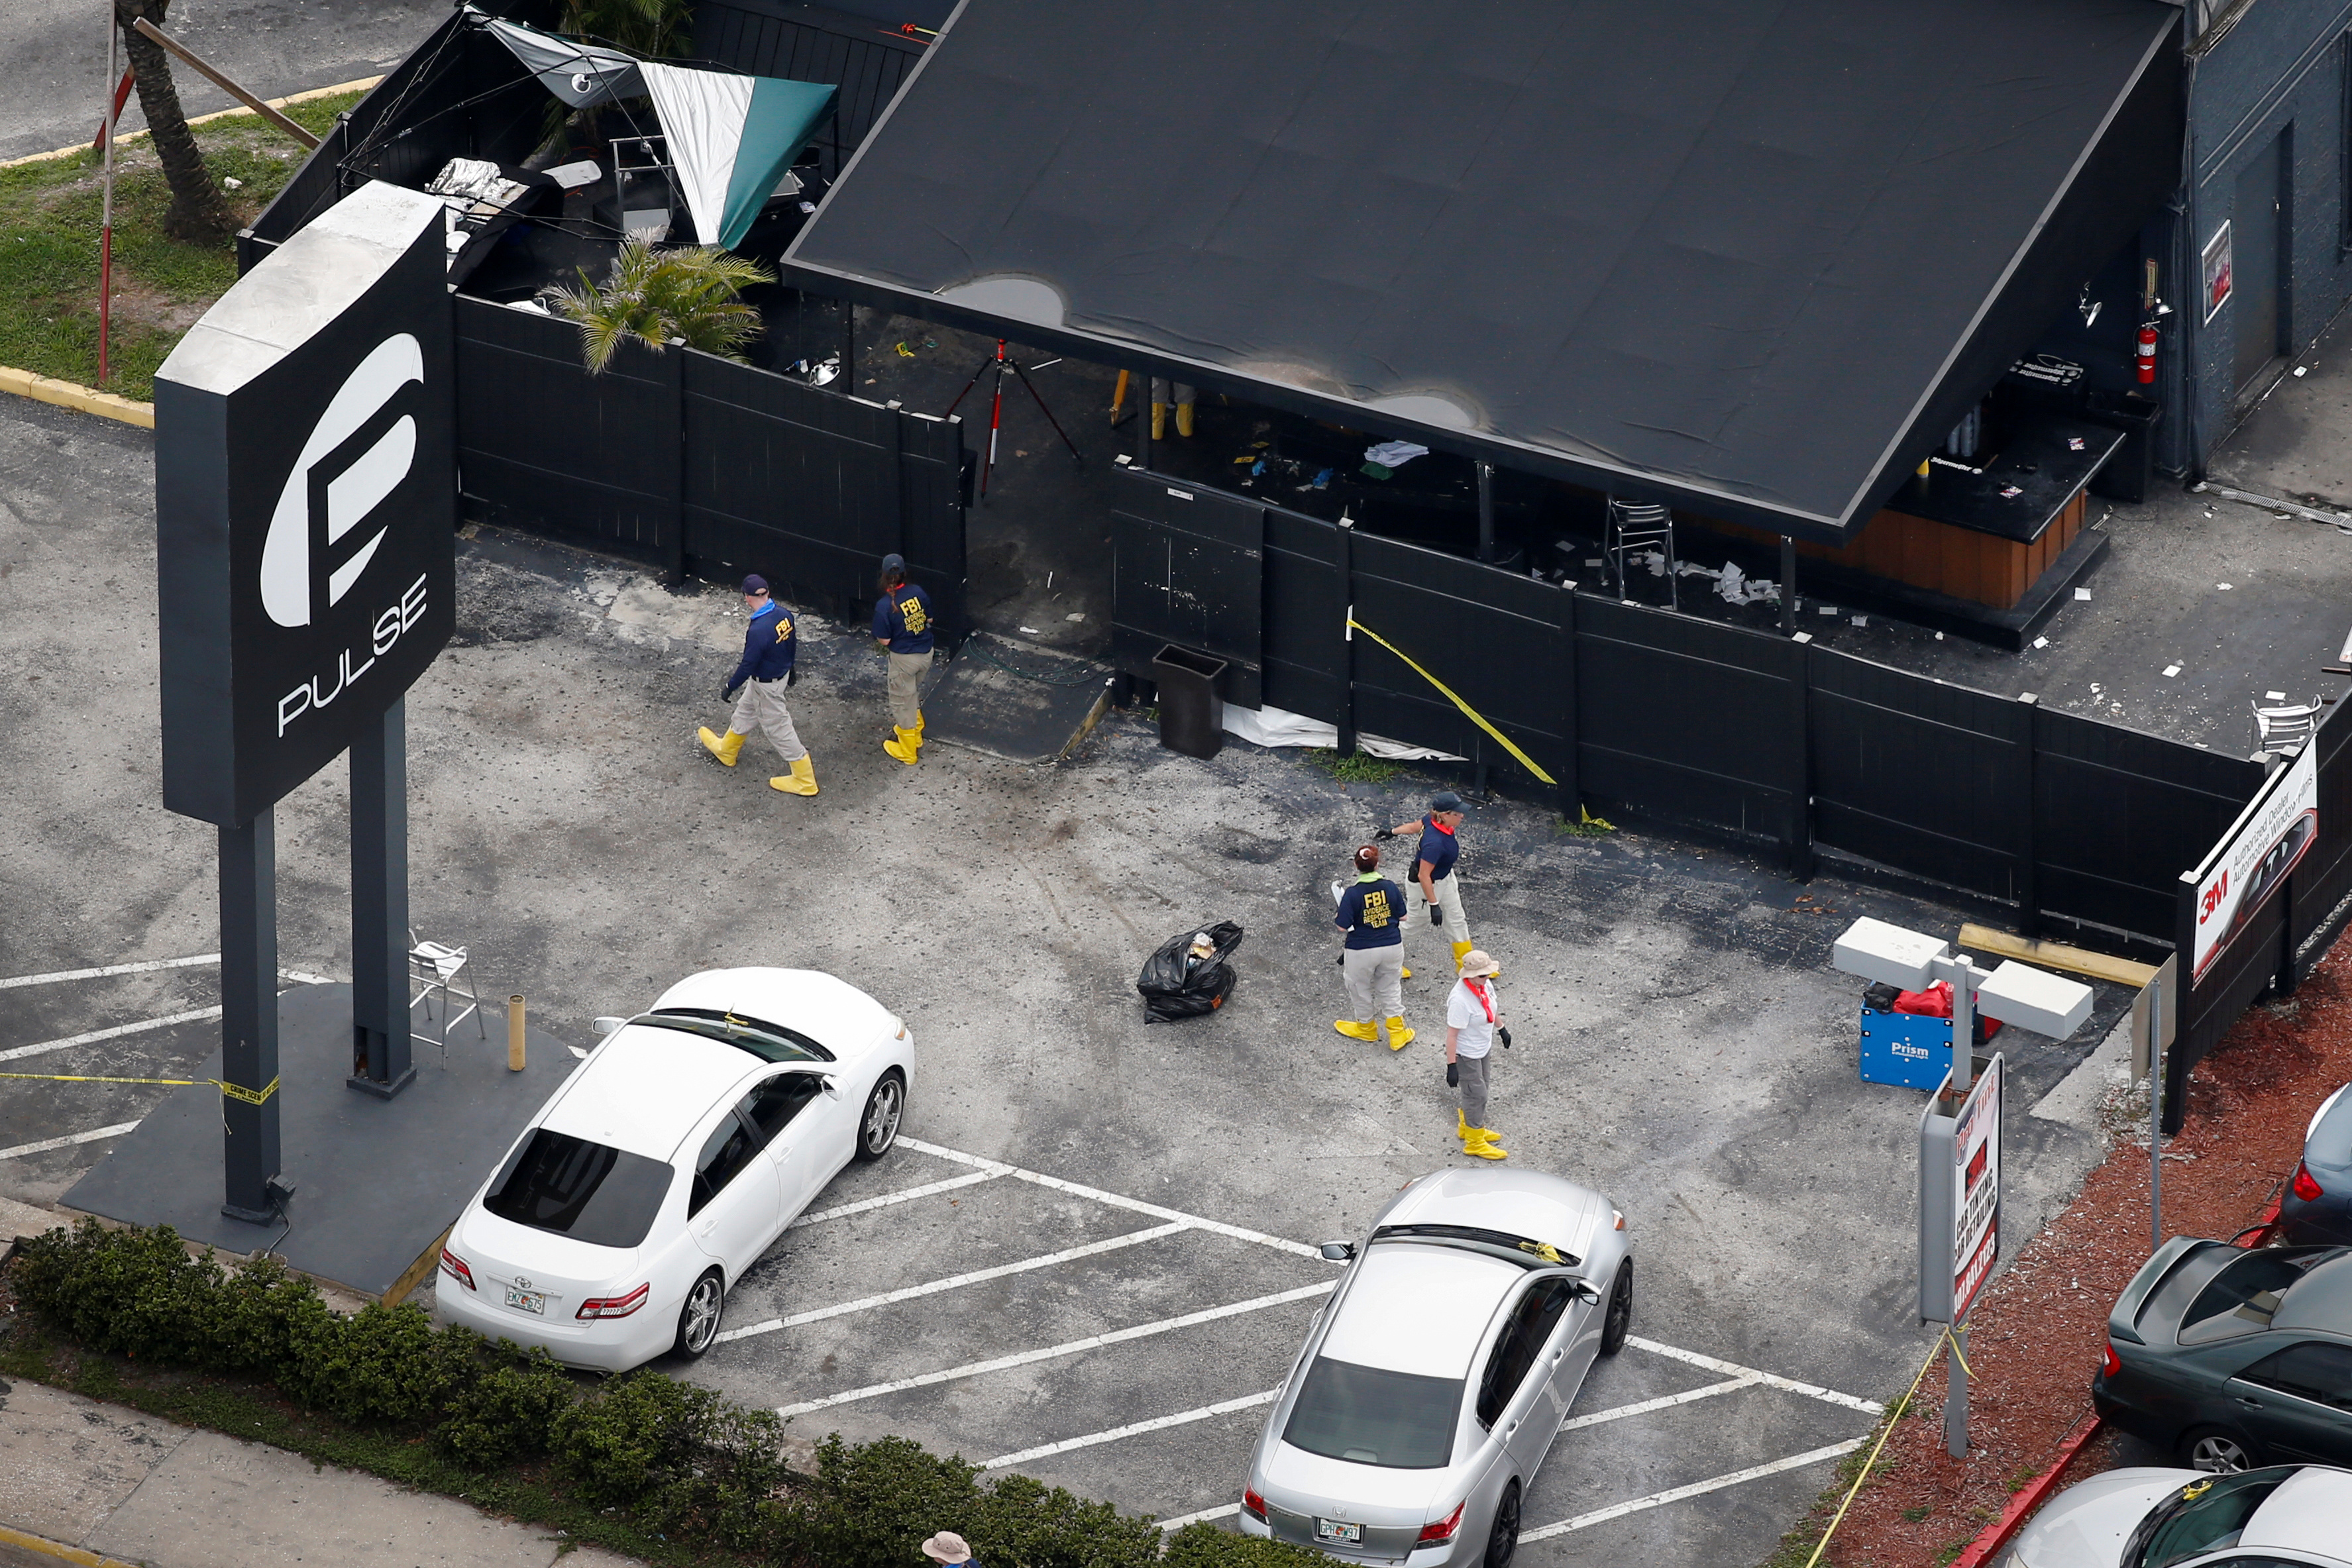 Oficiais do FBI coletam provas no estacionamento da boate gay Pulse , local de um assassinato em massa, Orlando, Florida, EUA, 15 de junho de 2016. REUTERS/Adrees Latif/File Photo - RTX2SKI1